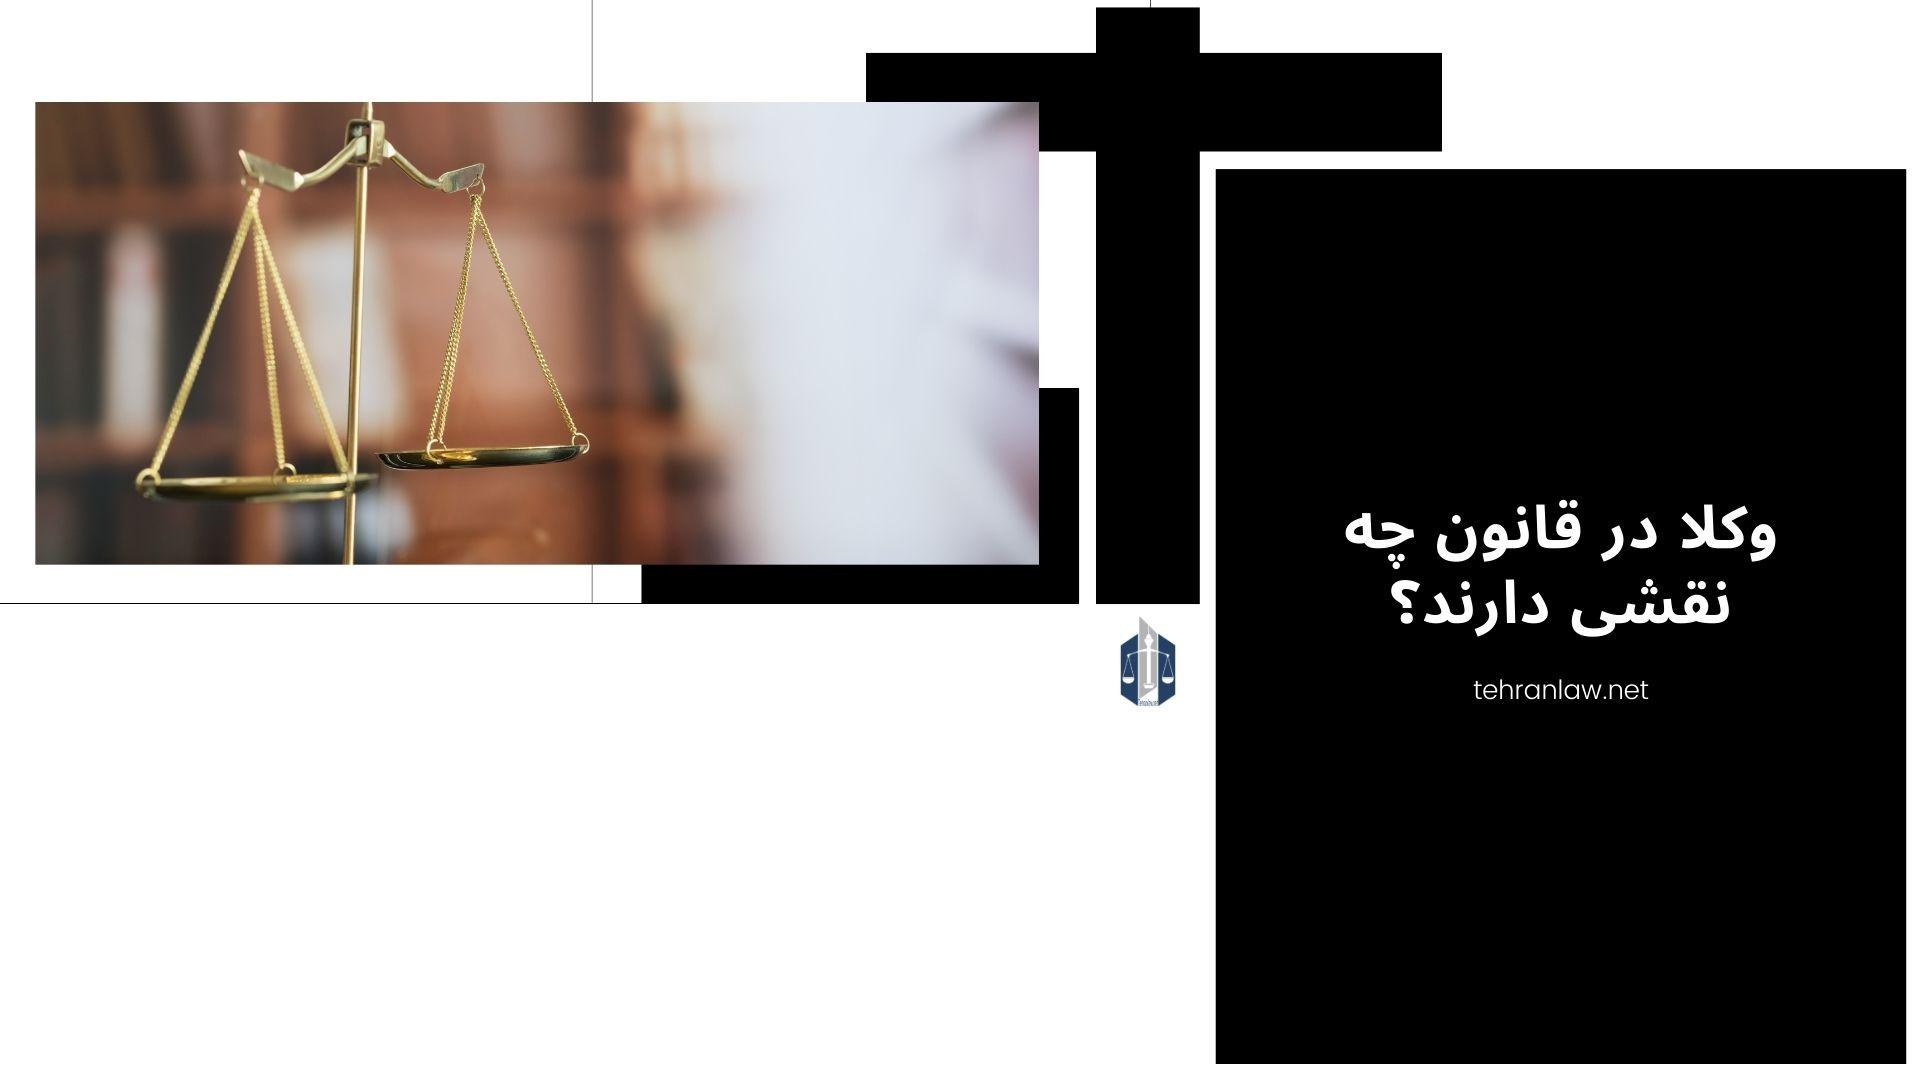 وکلا در قانون چه نقشی دارند